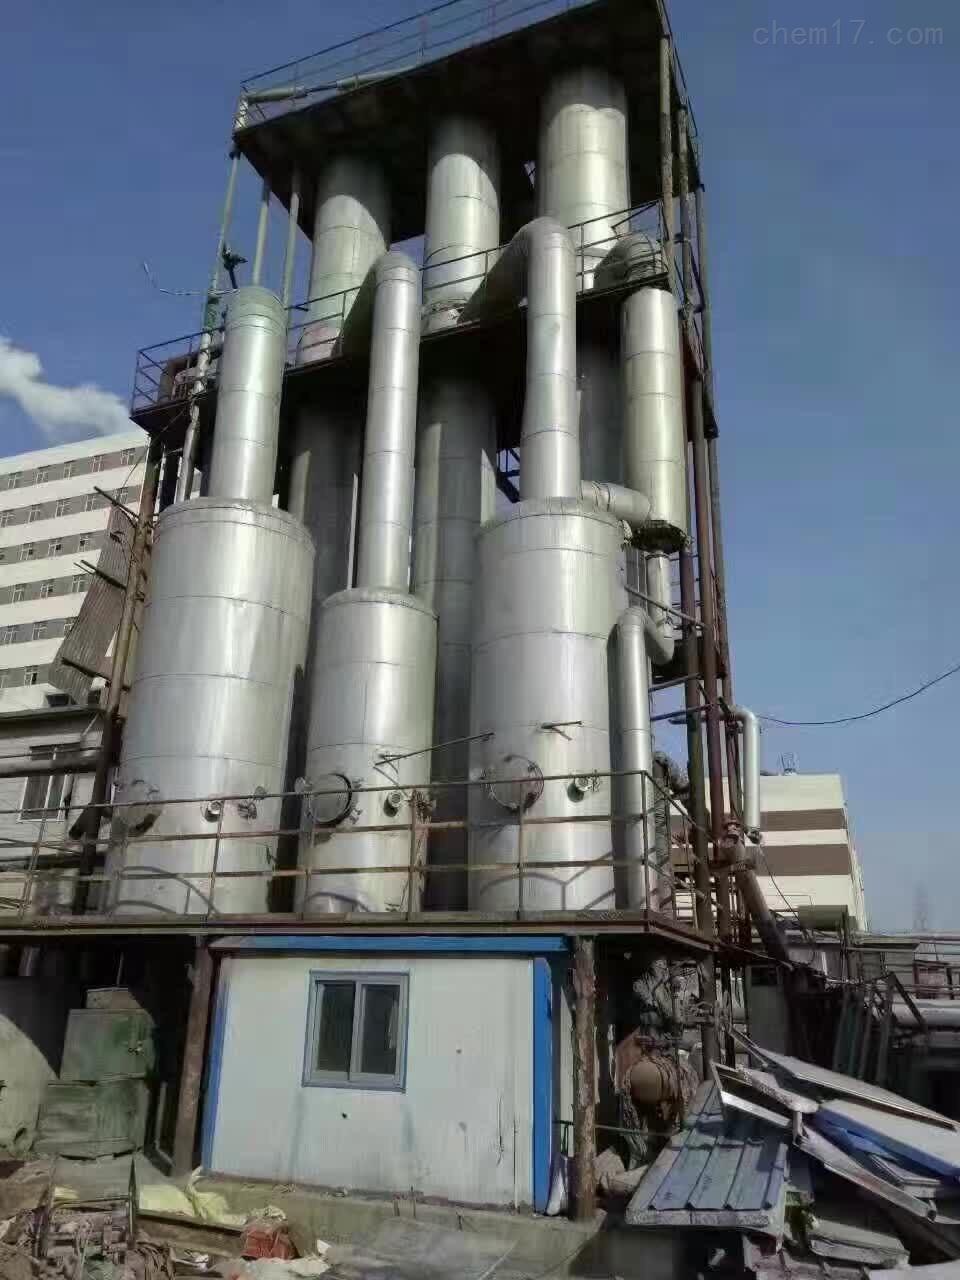 回收二手浓缩蒸发器价格提高